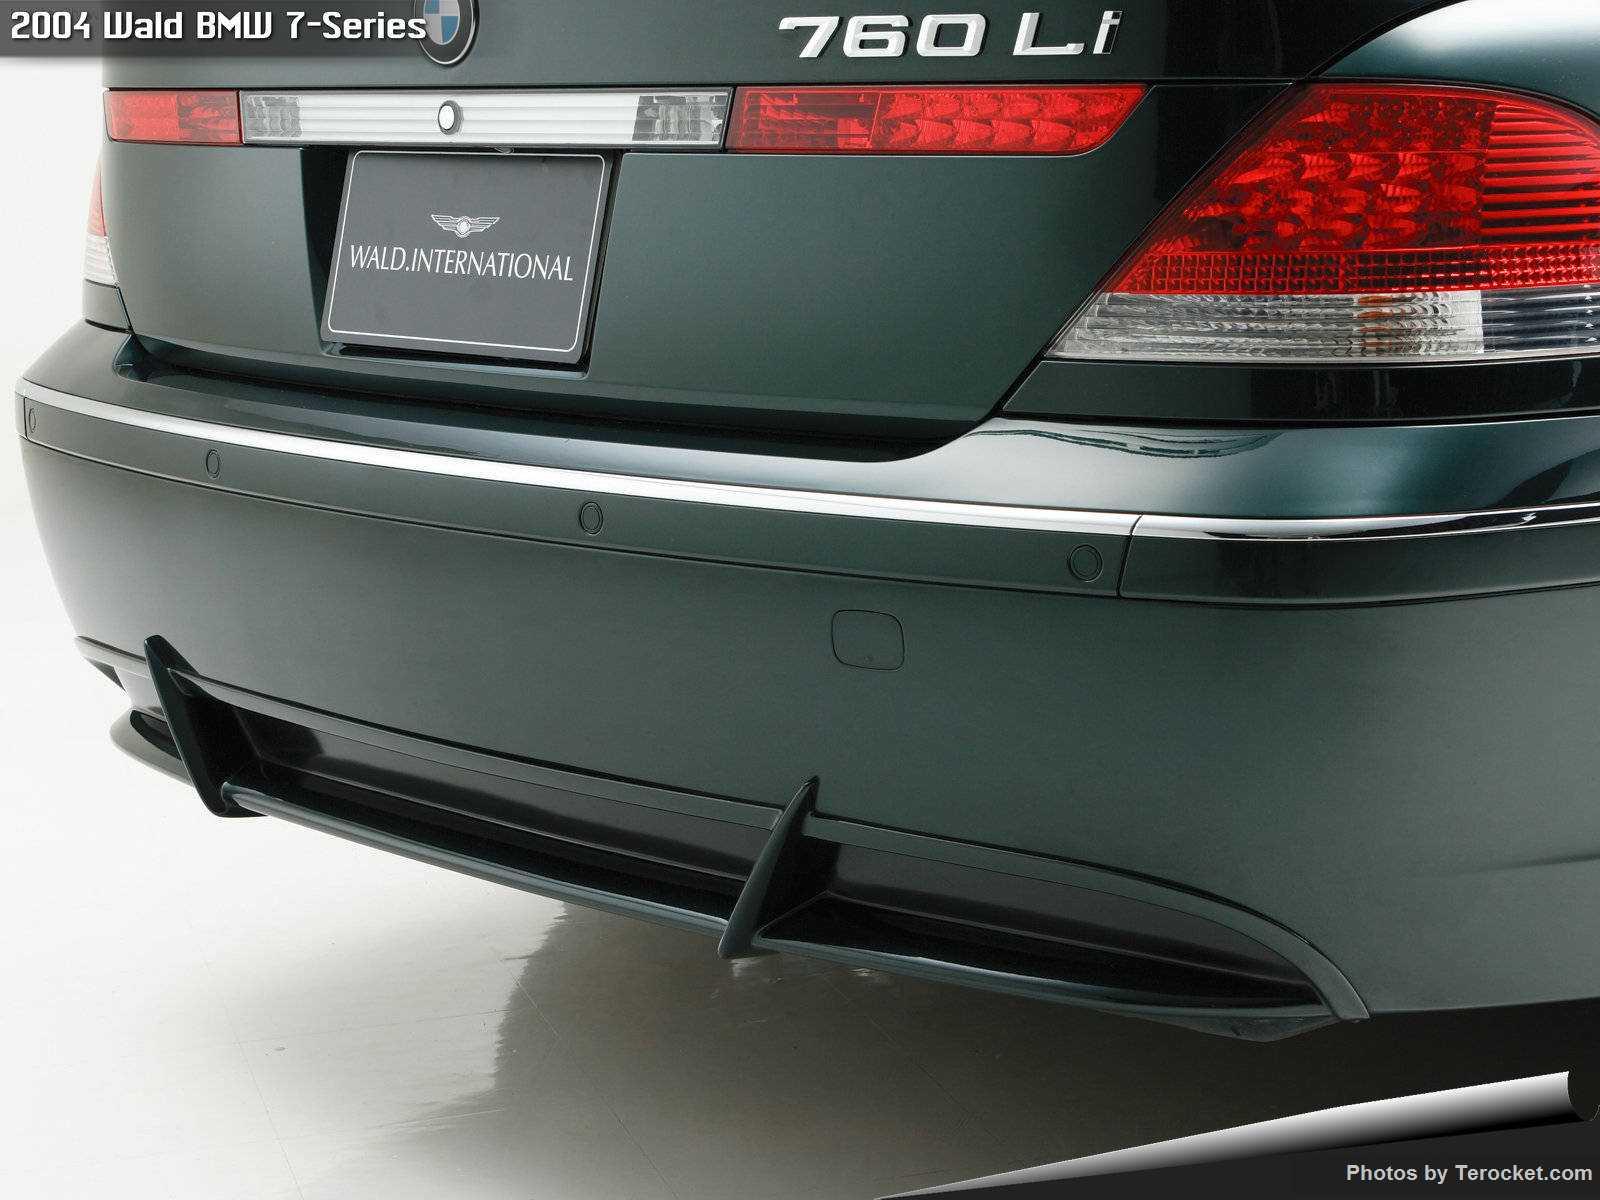 Hình ảnh xe độ Wald BMW 7-Series 2004 & nội ngoại thất